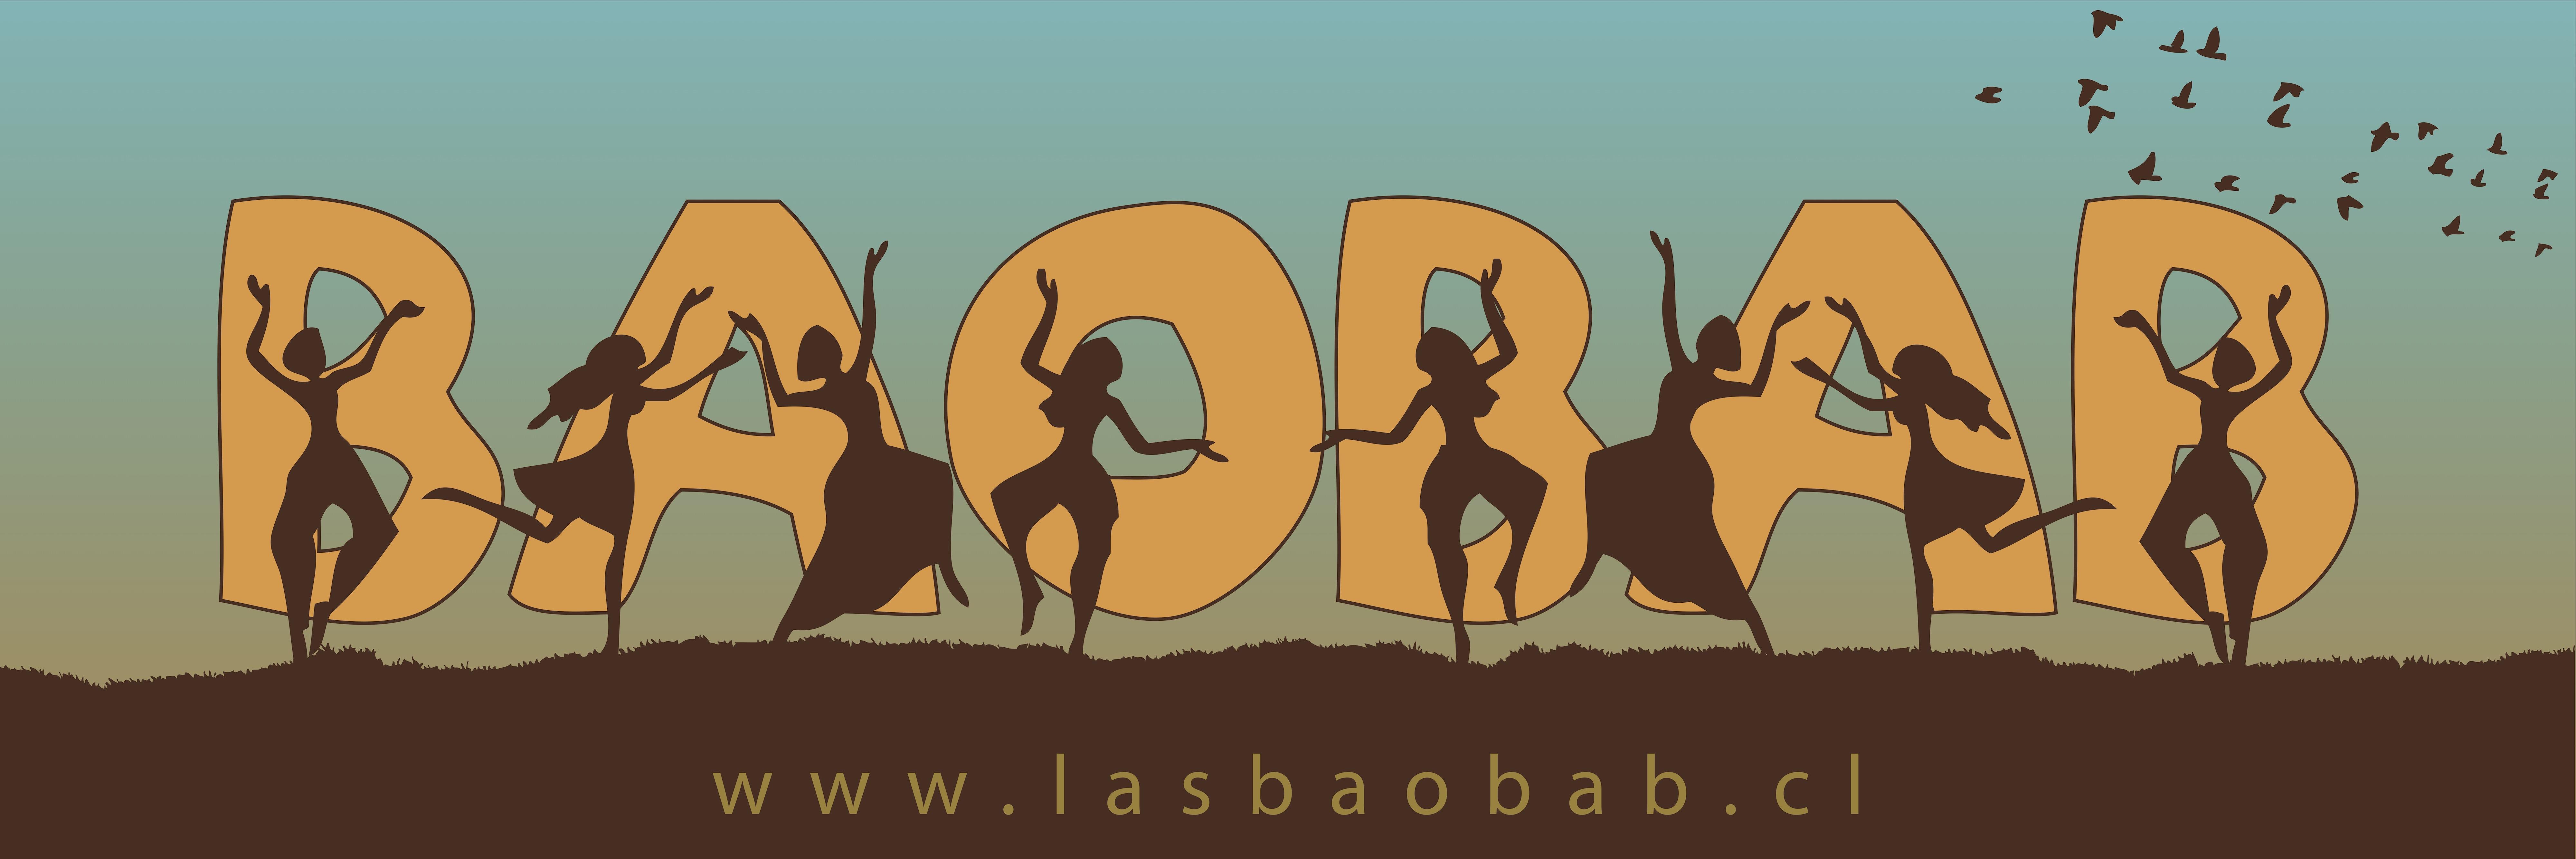 Baobab 2014